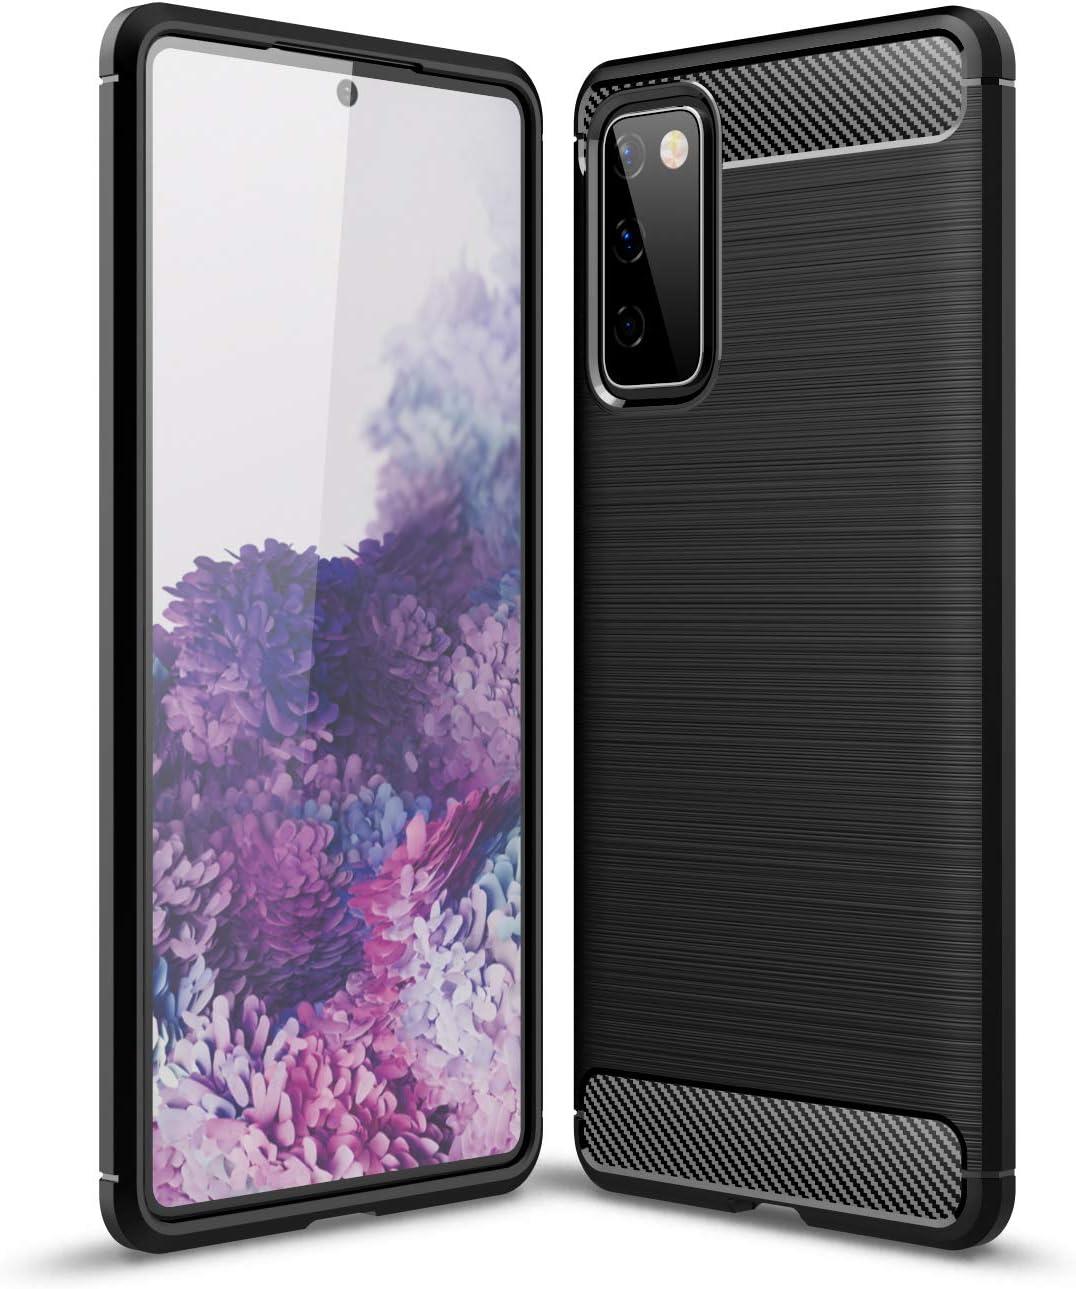 NEINEI Funda para Motorola Moto G60/G40 Fusion,Carcasa Silicona de Fibra de Carbono,Diseño Sensación Metálica,Ultradelgado TPU Outdoor Shockproof Case Cover-Negro